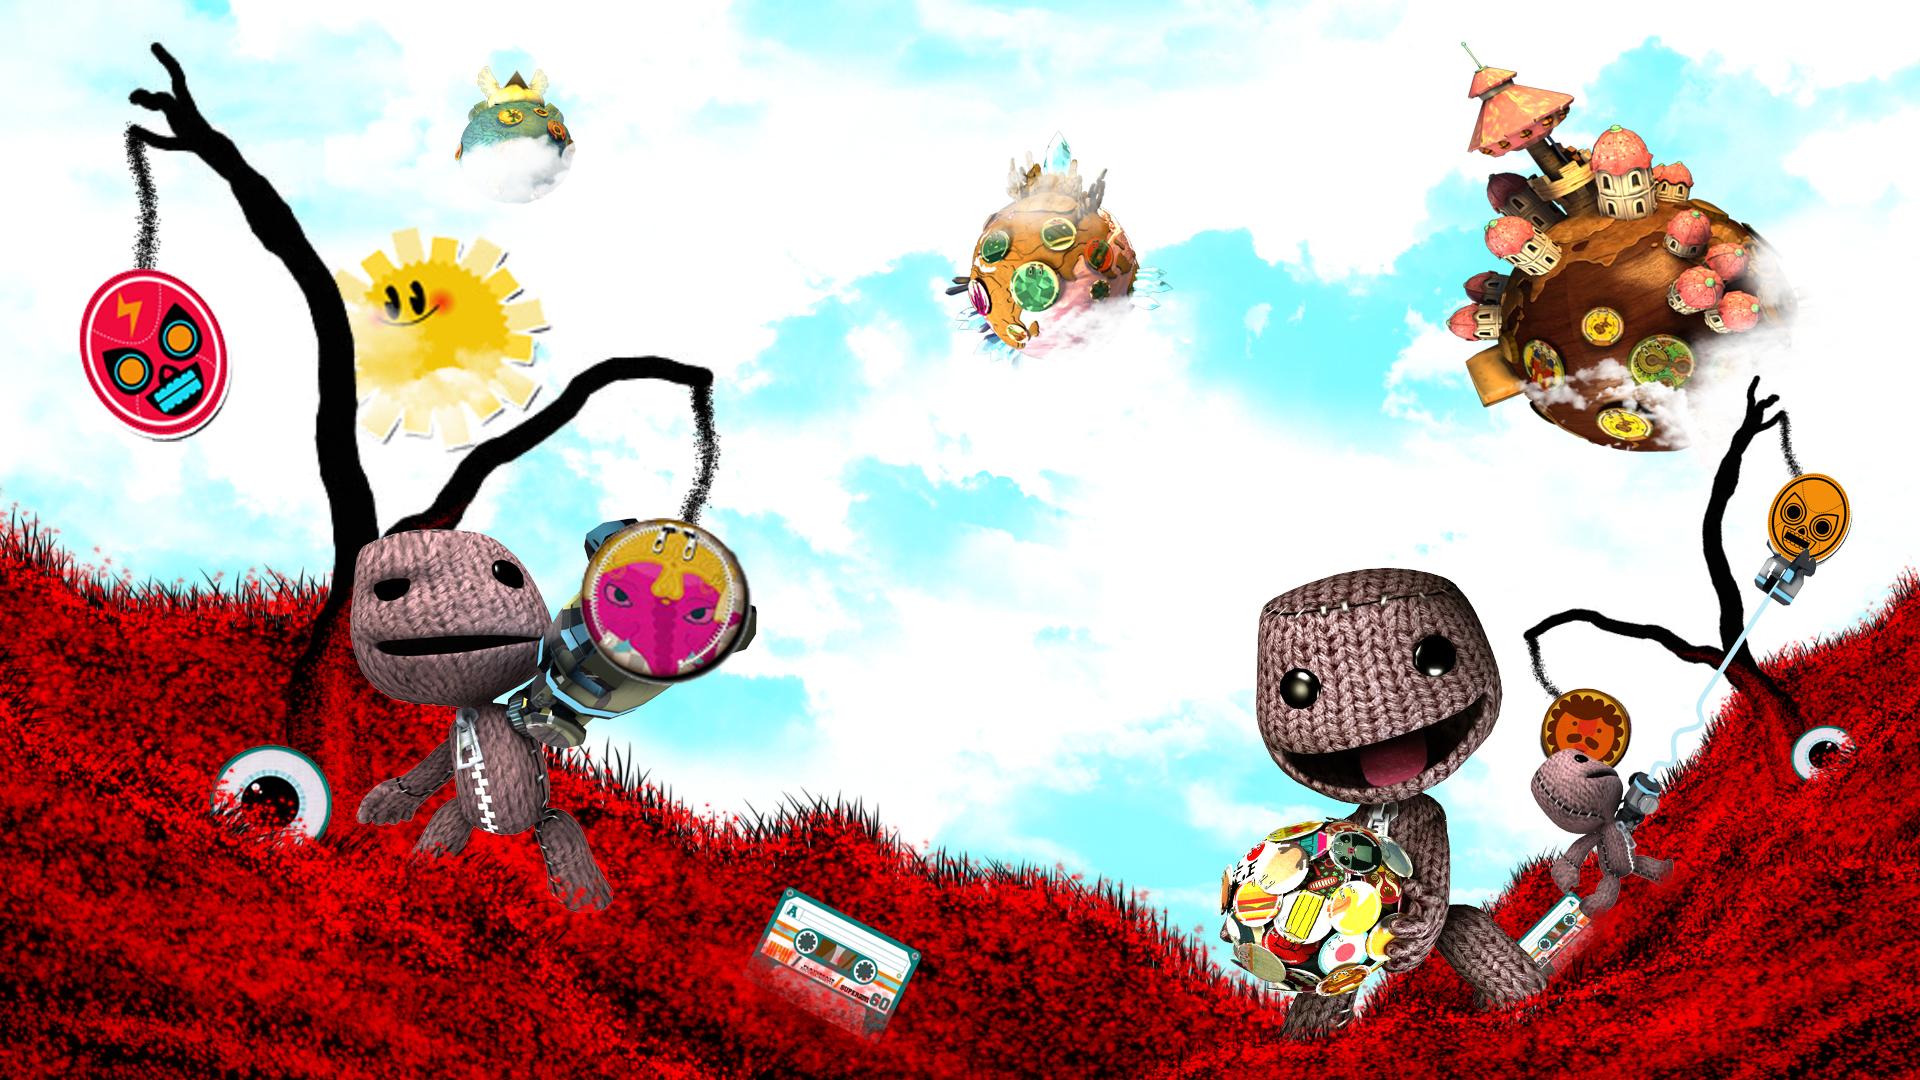 графика игры The Little Big Planet graphics game  № 1878049 загрузить